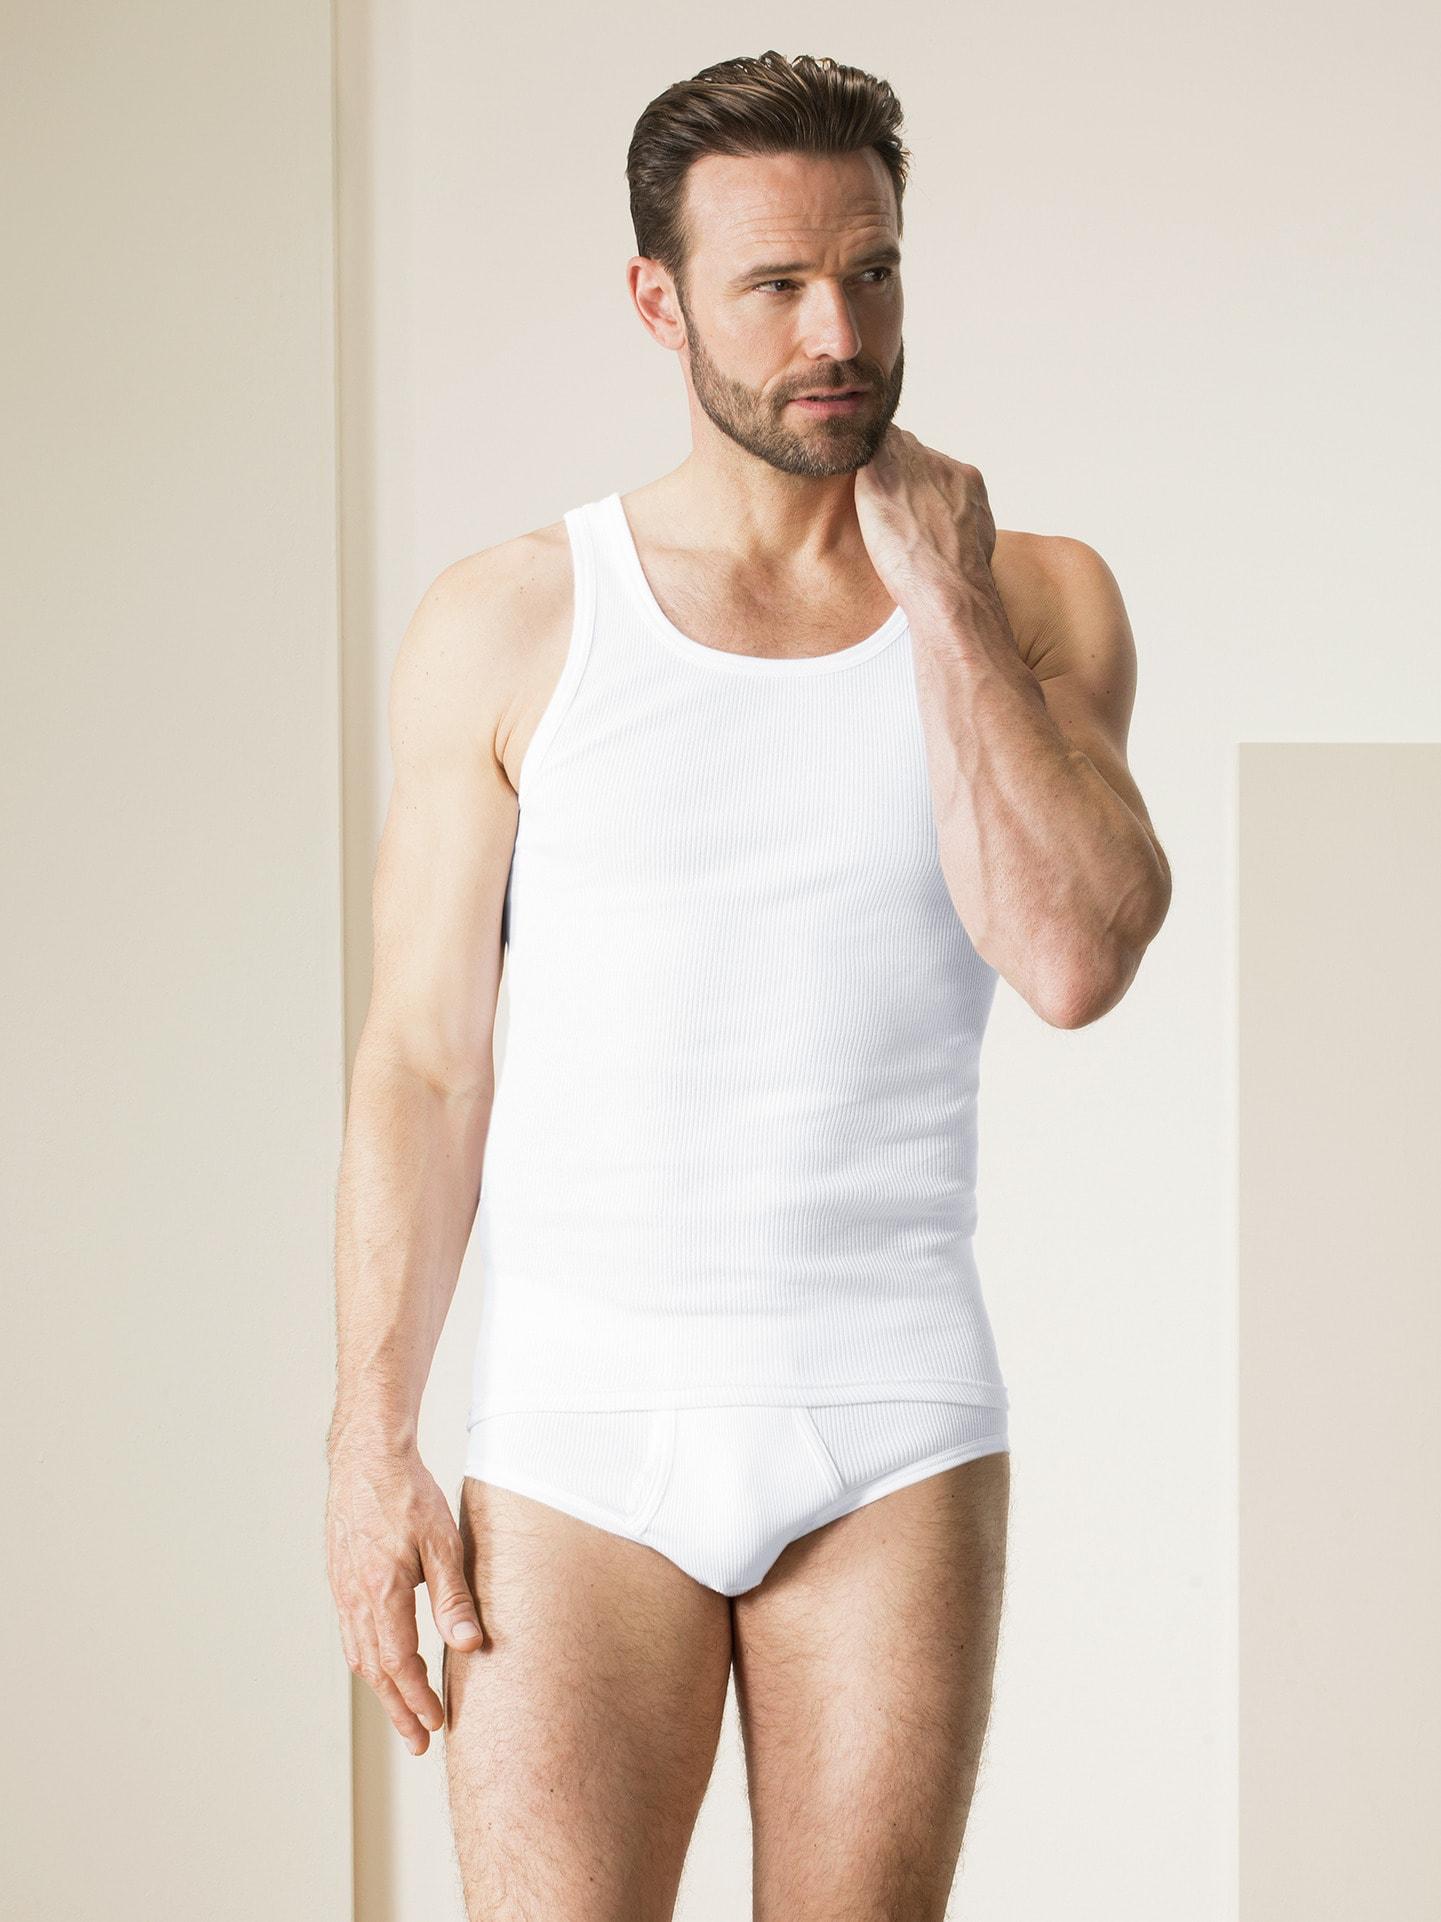 Walbusch Herren Hemd Doppelripp Unterhemd 2er Pack einfarbig Weiß 10, 5, 6, 7, 8, 9 22-2365-0